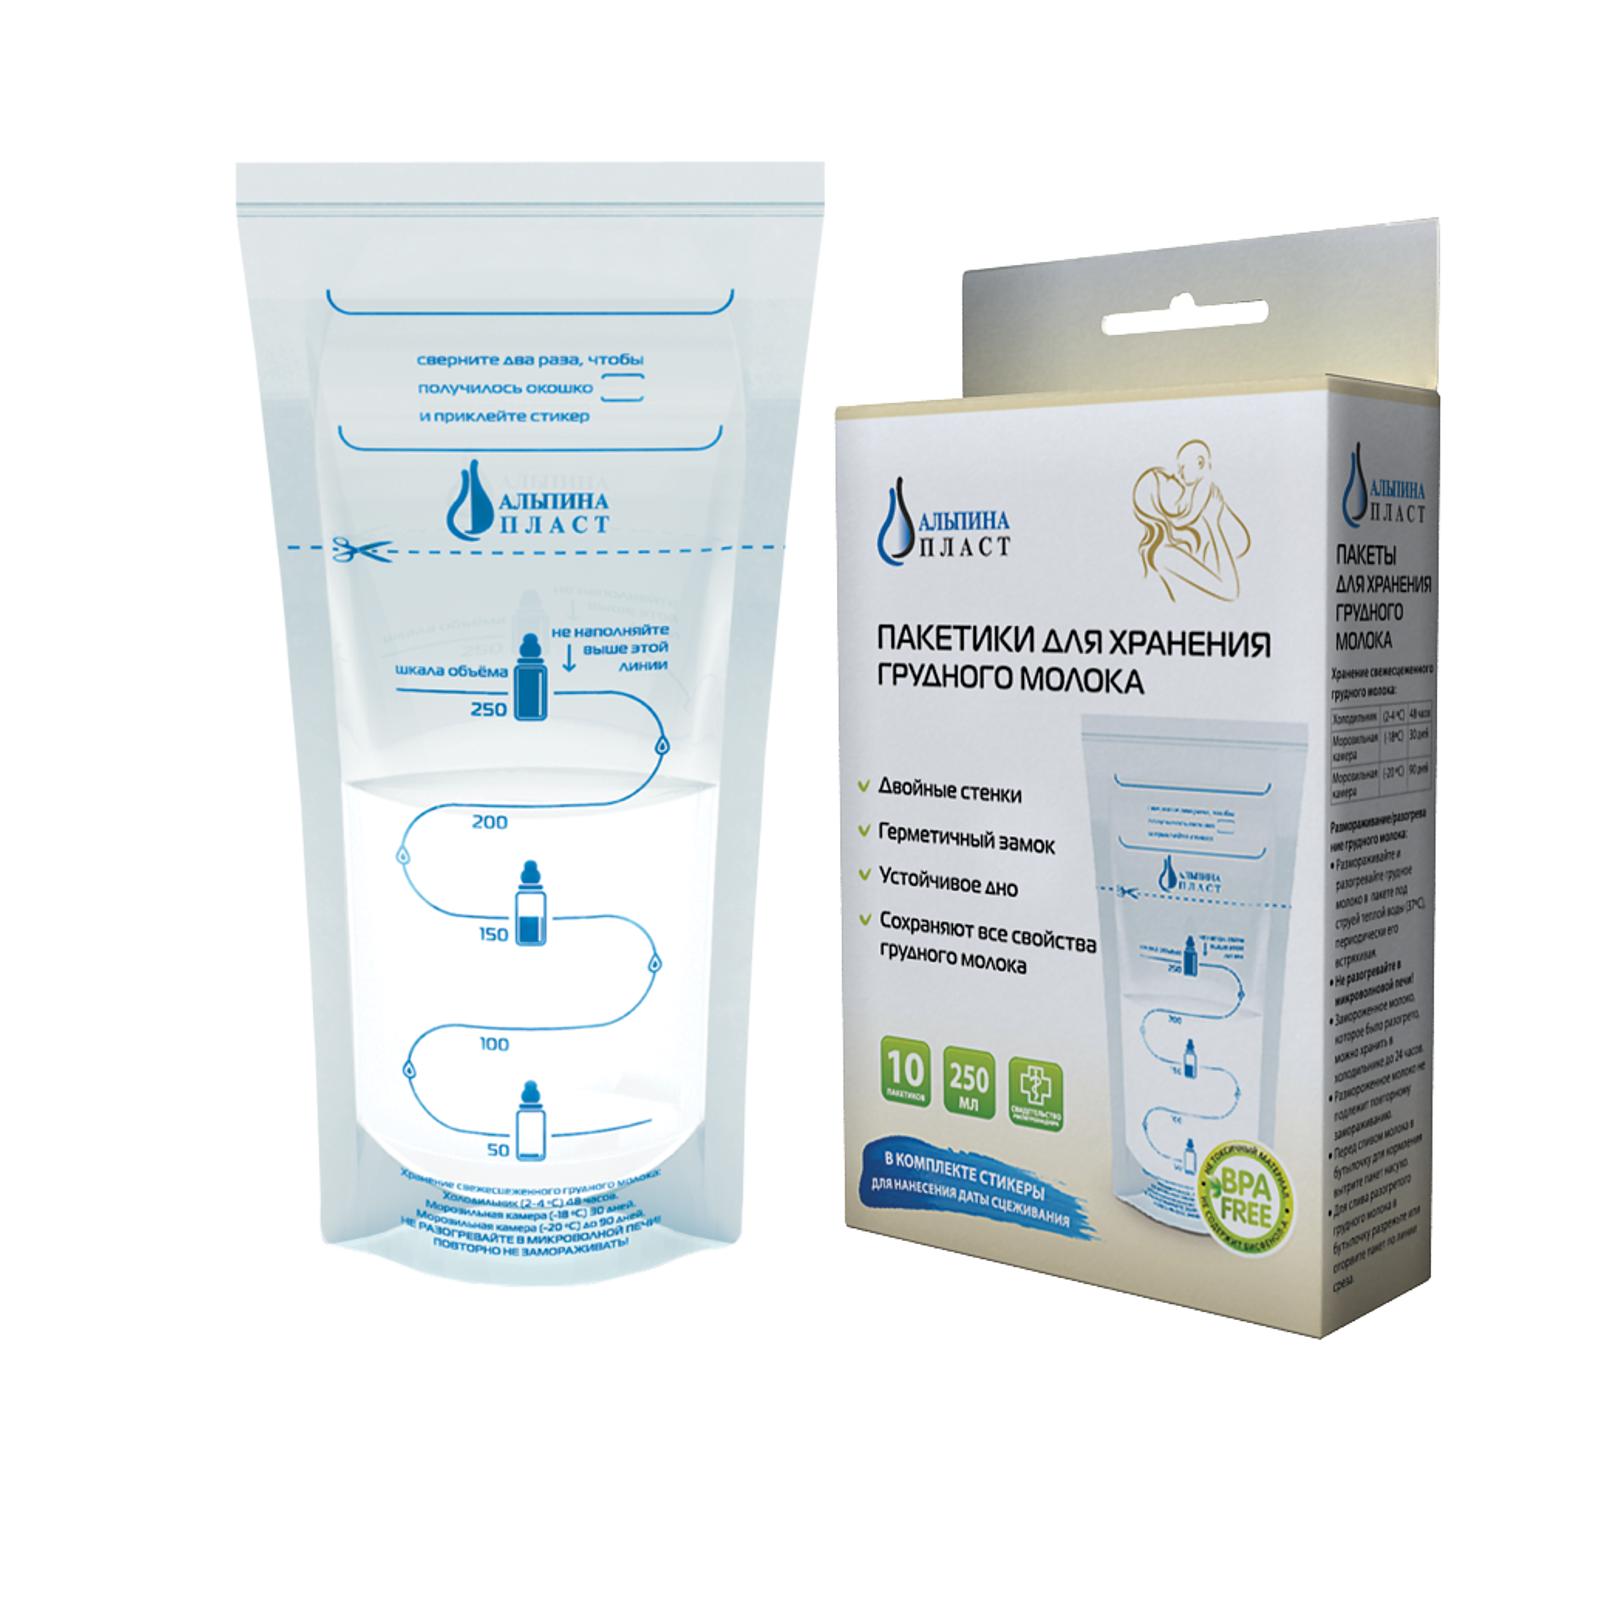 Пакеты для грудного молока Альпина Пласт 10 шт<br>